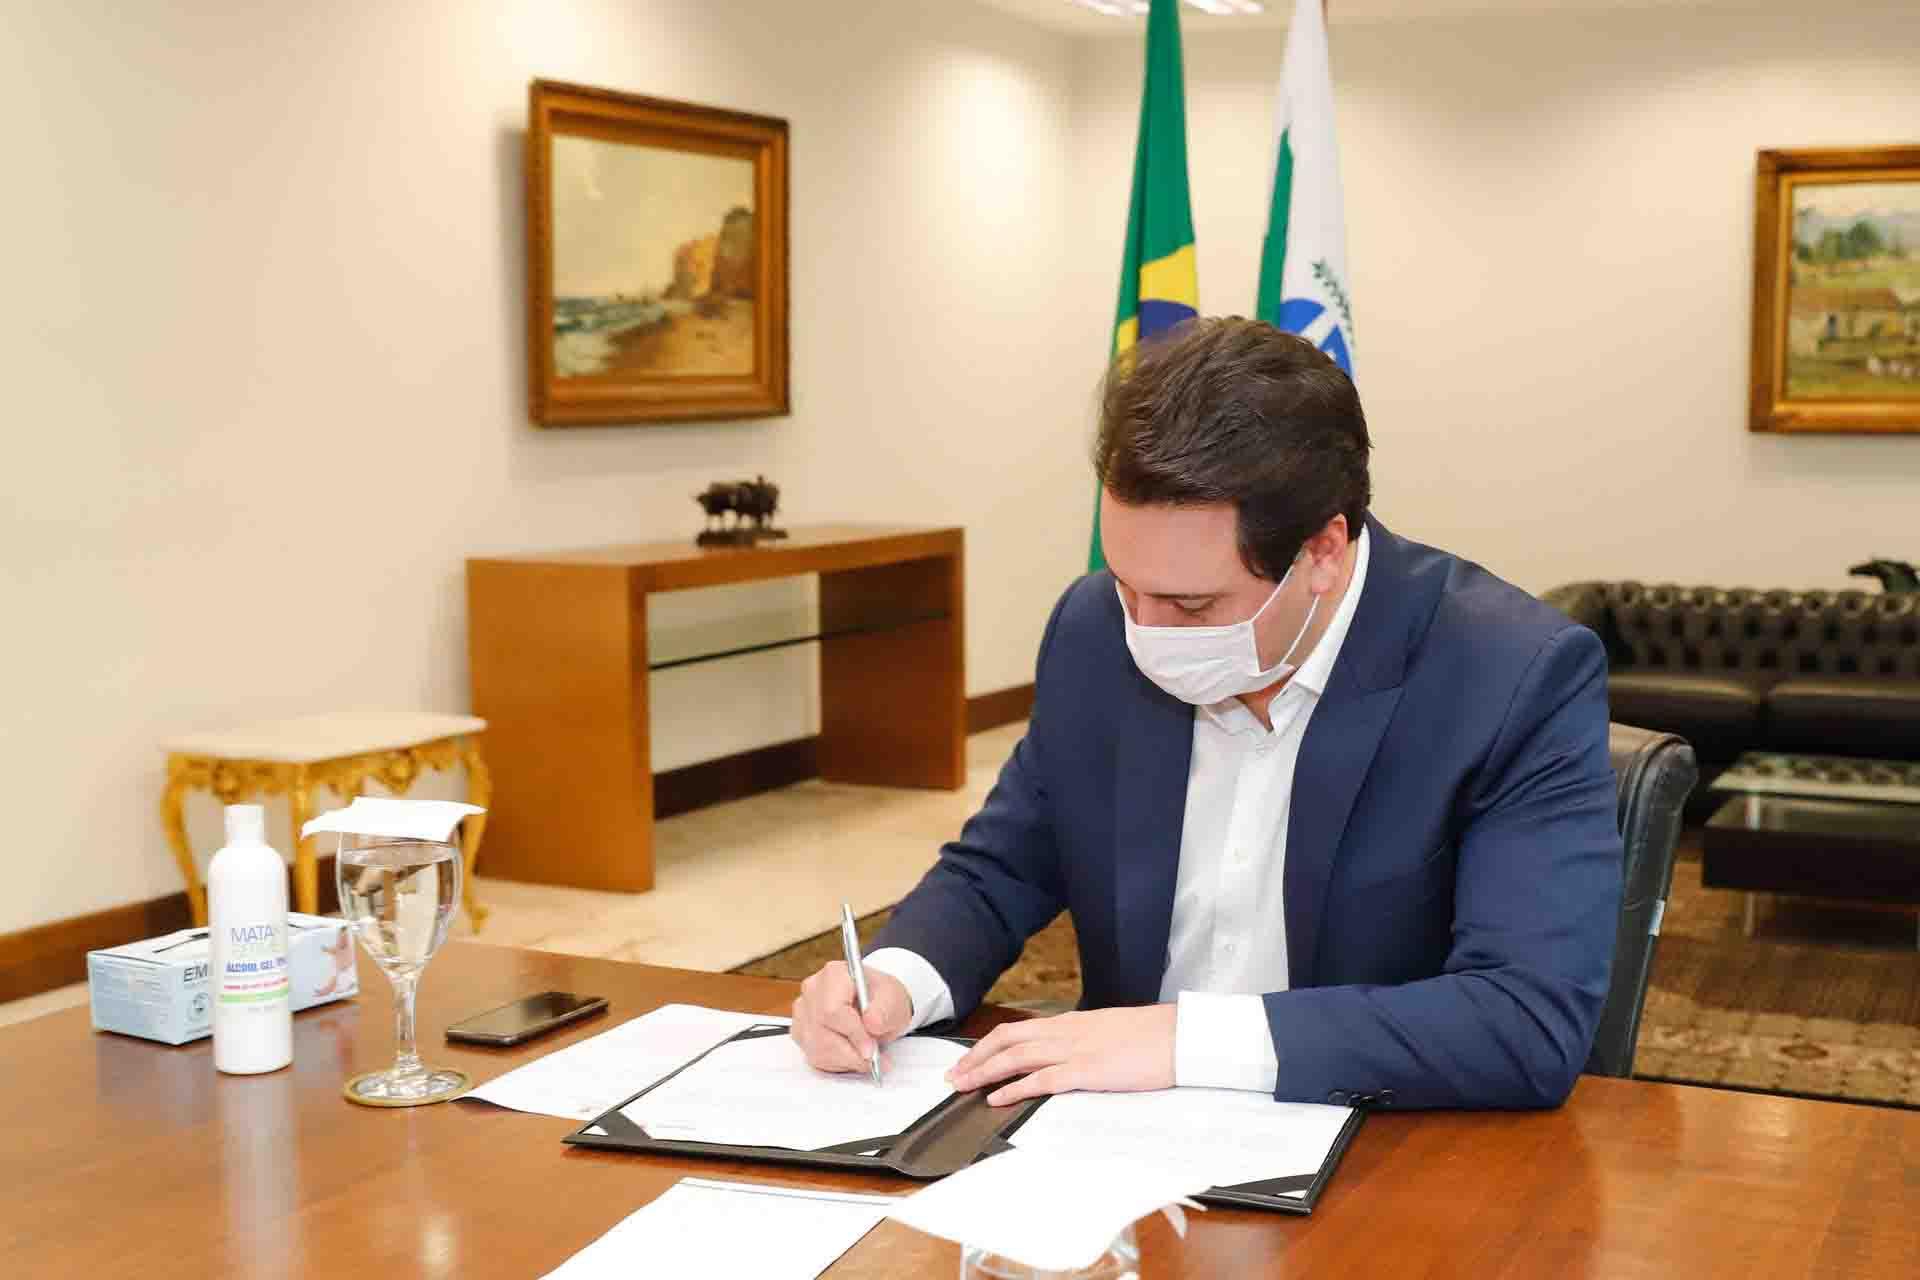 Paraná regulamenta auxílio emergencial a empresas